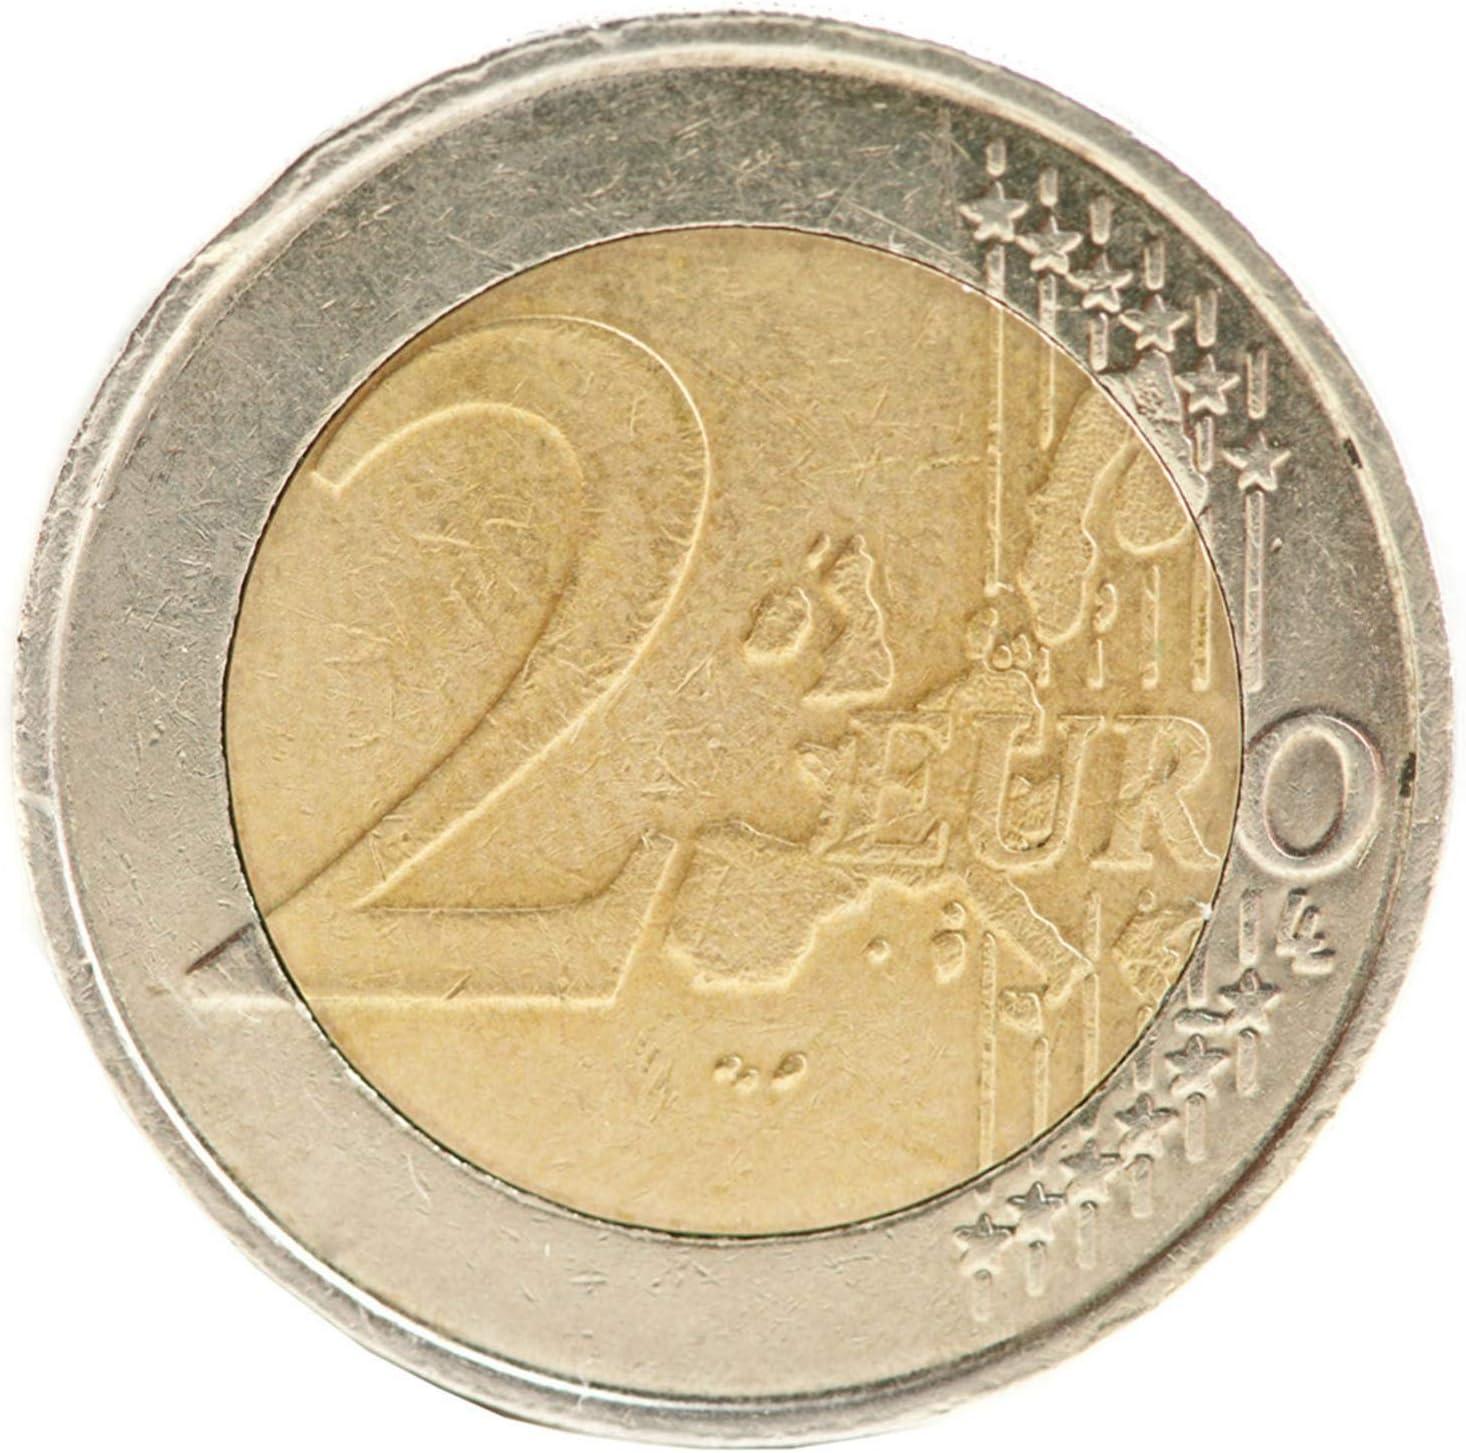 Pegatina para monedas, 2 euros, redonda, aprox. Ø 27 mm ...